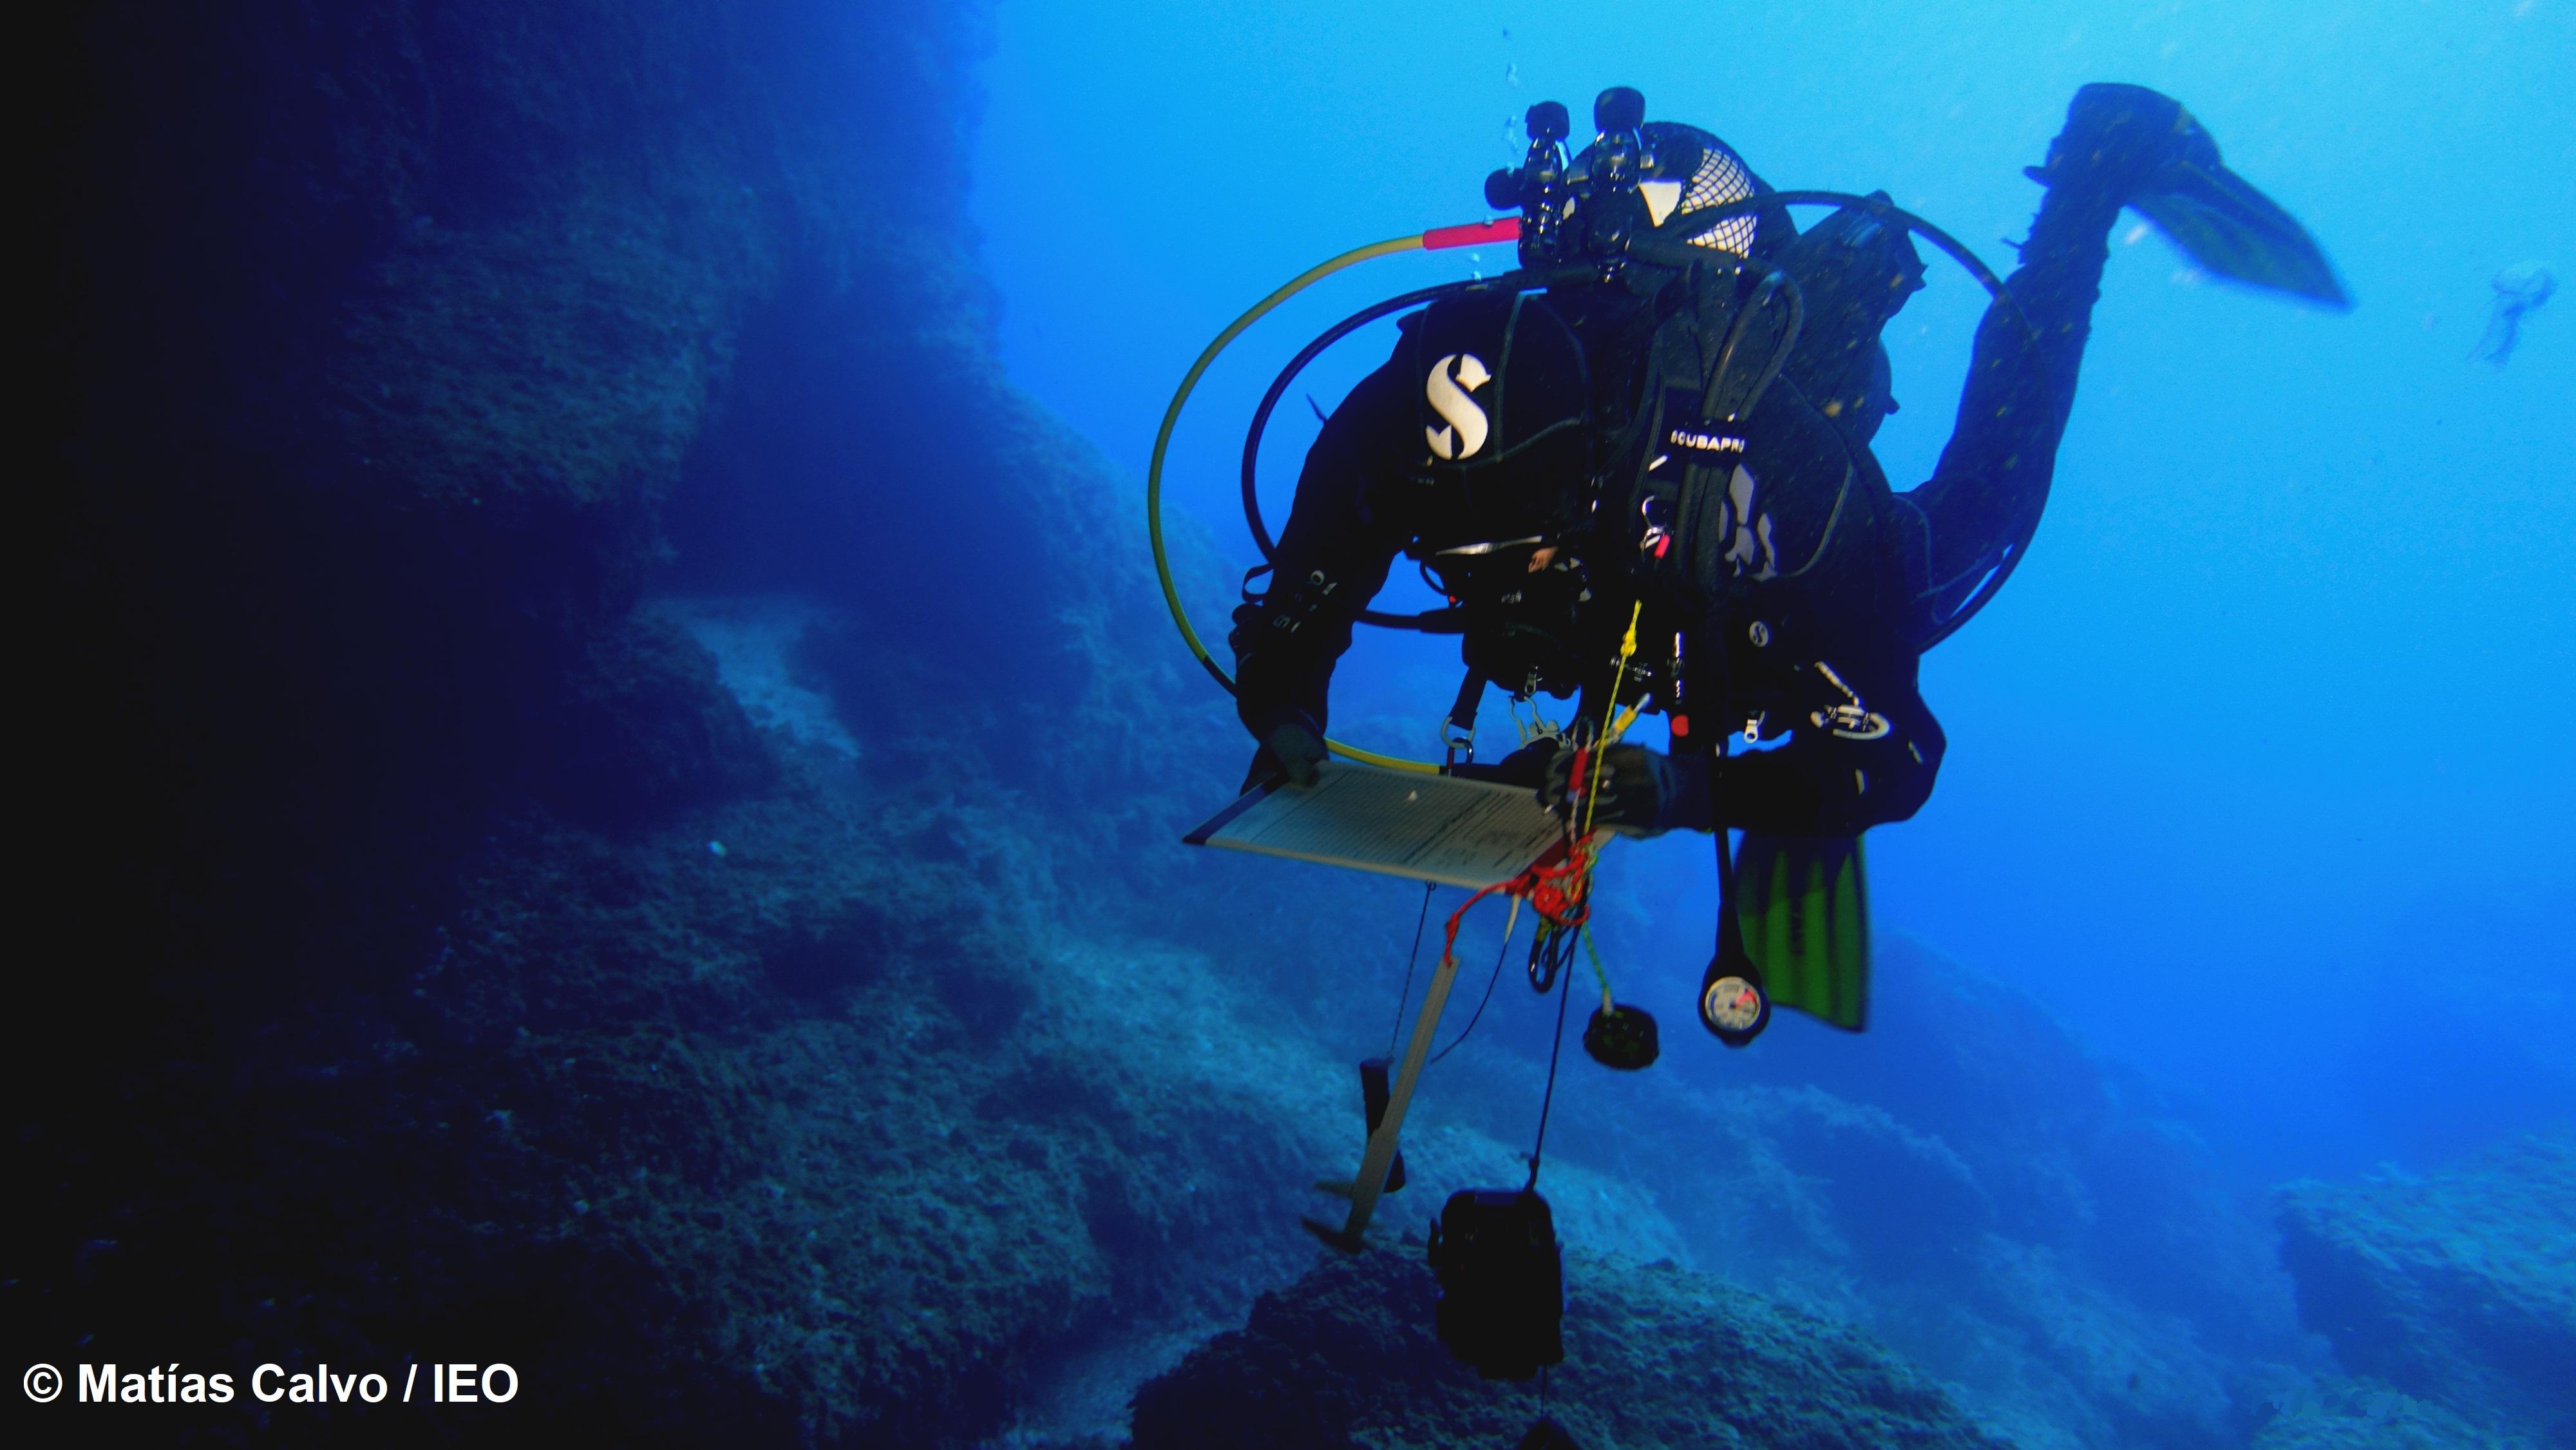 Los investigadores llevarán a cabo una serie de campañas donde se evaluarán la abundancia, la demografía y dinámica de especies frágiles y estructurales como esponjas, corales y briozoos, entre otras. Imagen: IEO